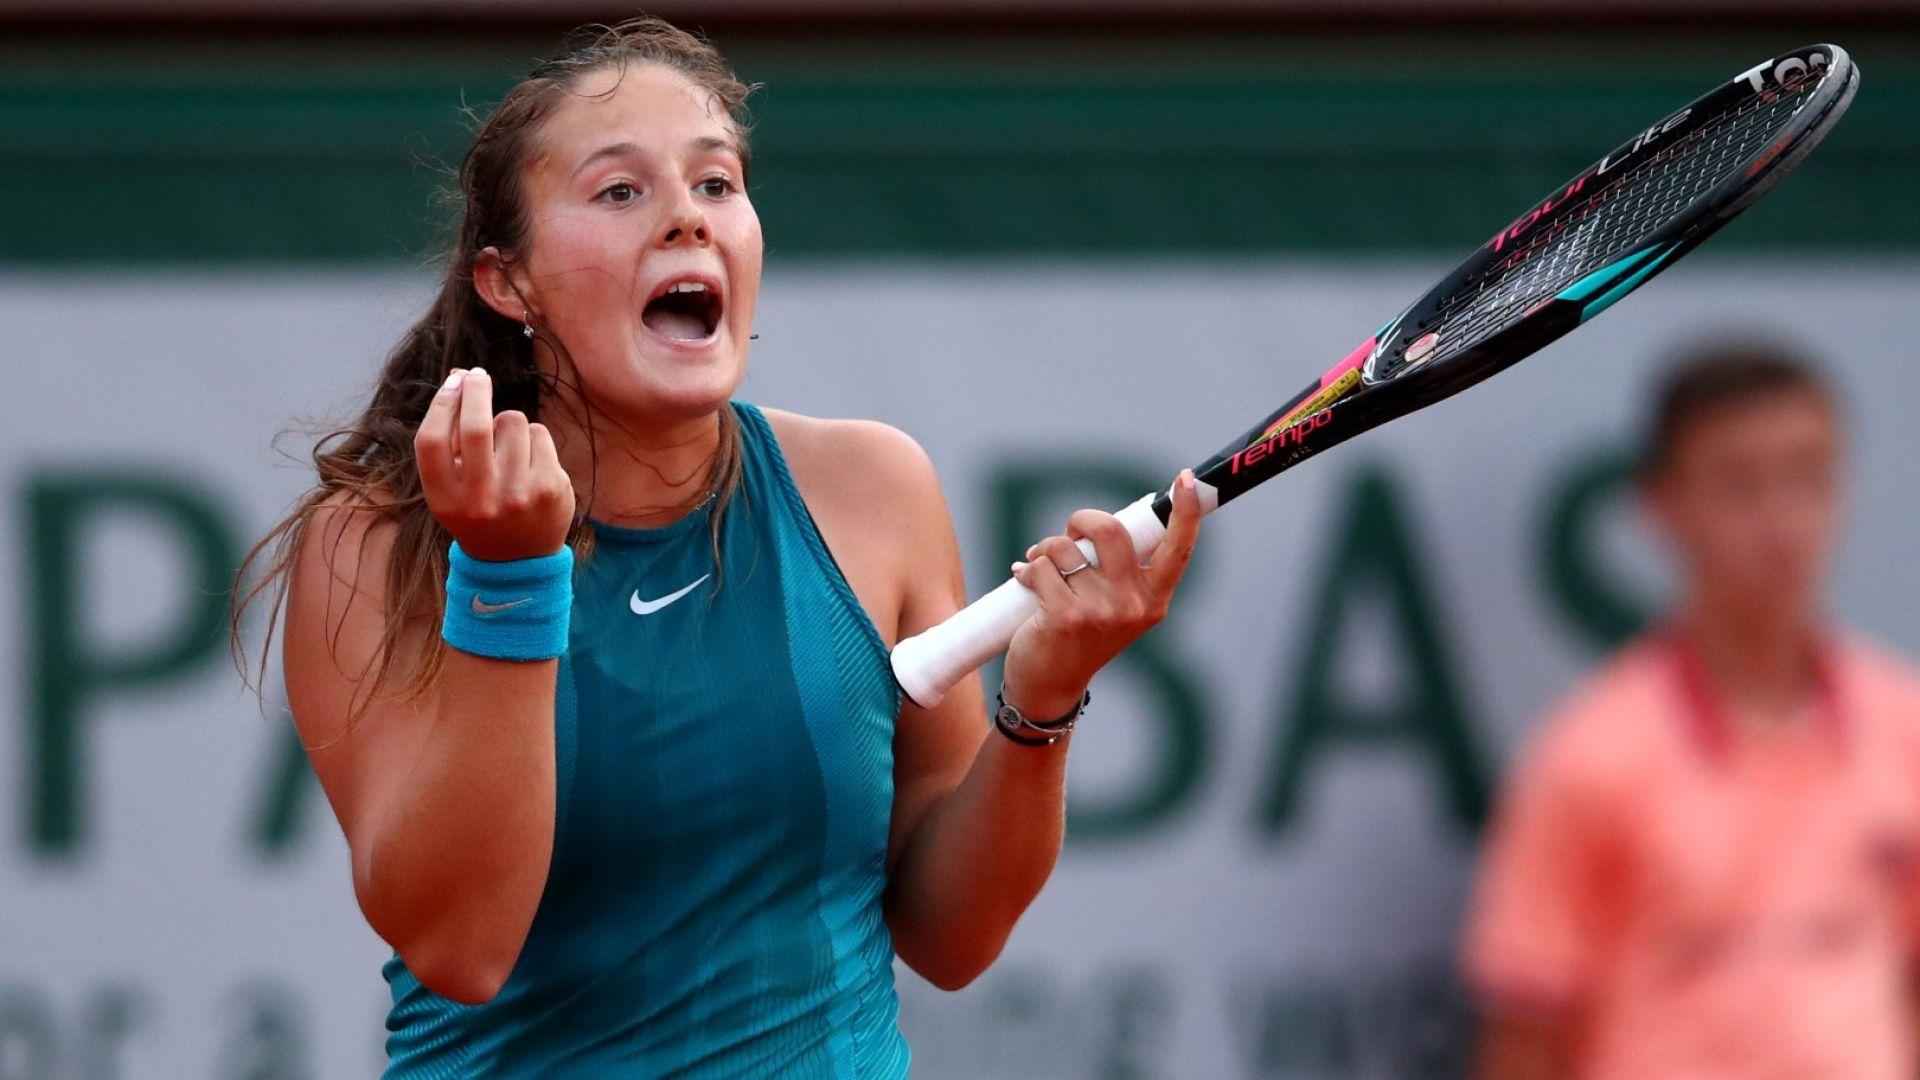 Надеждата на руския тенис изхвърли Вожняцки от Париж